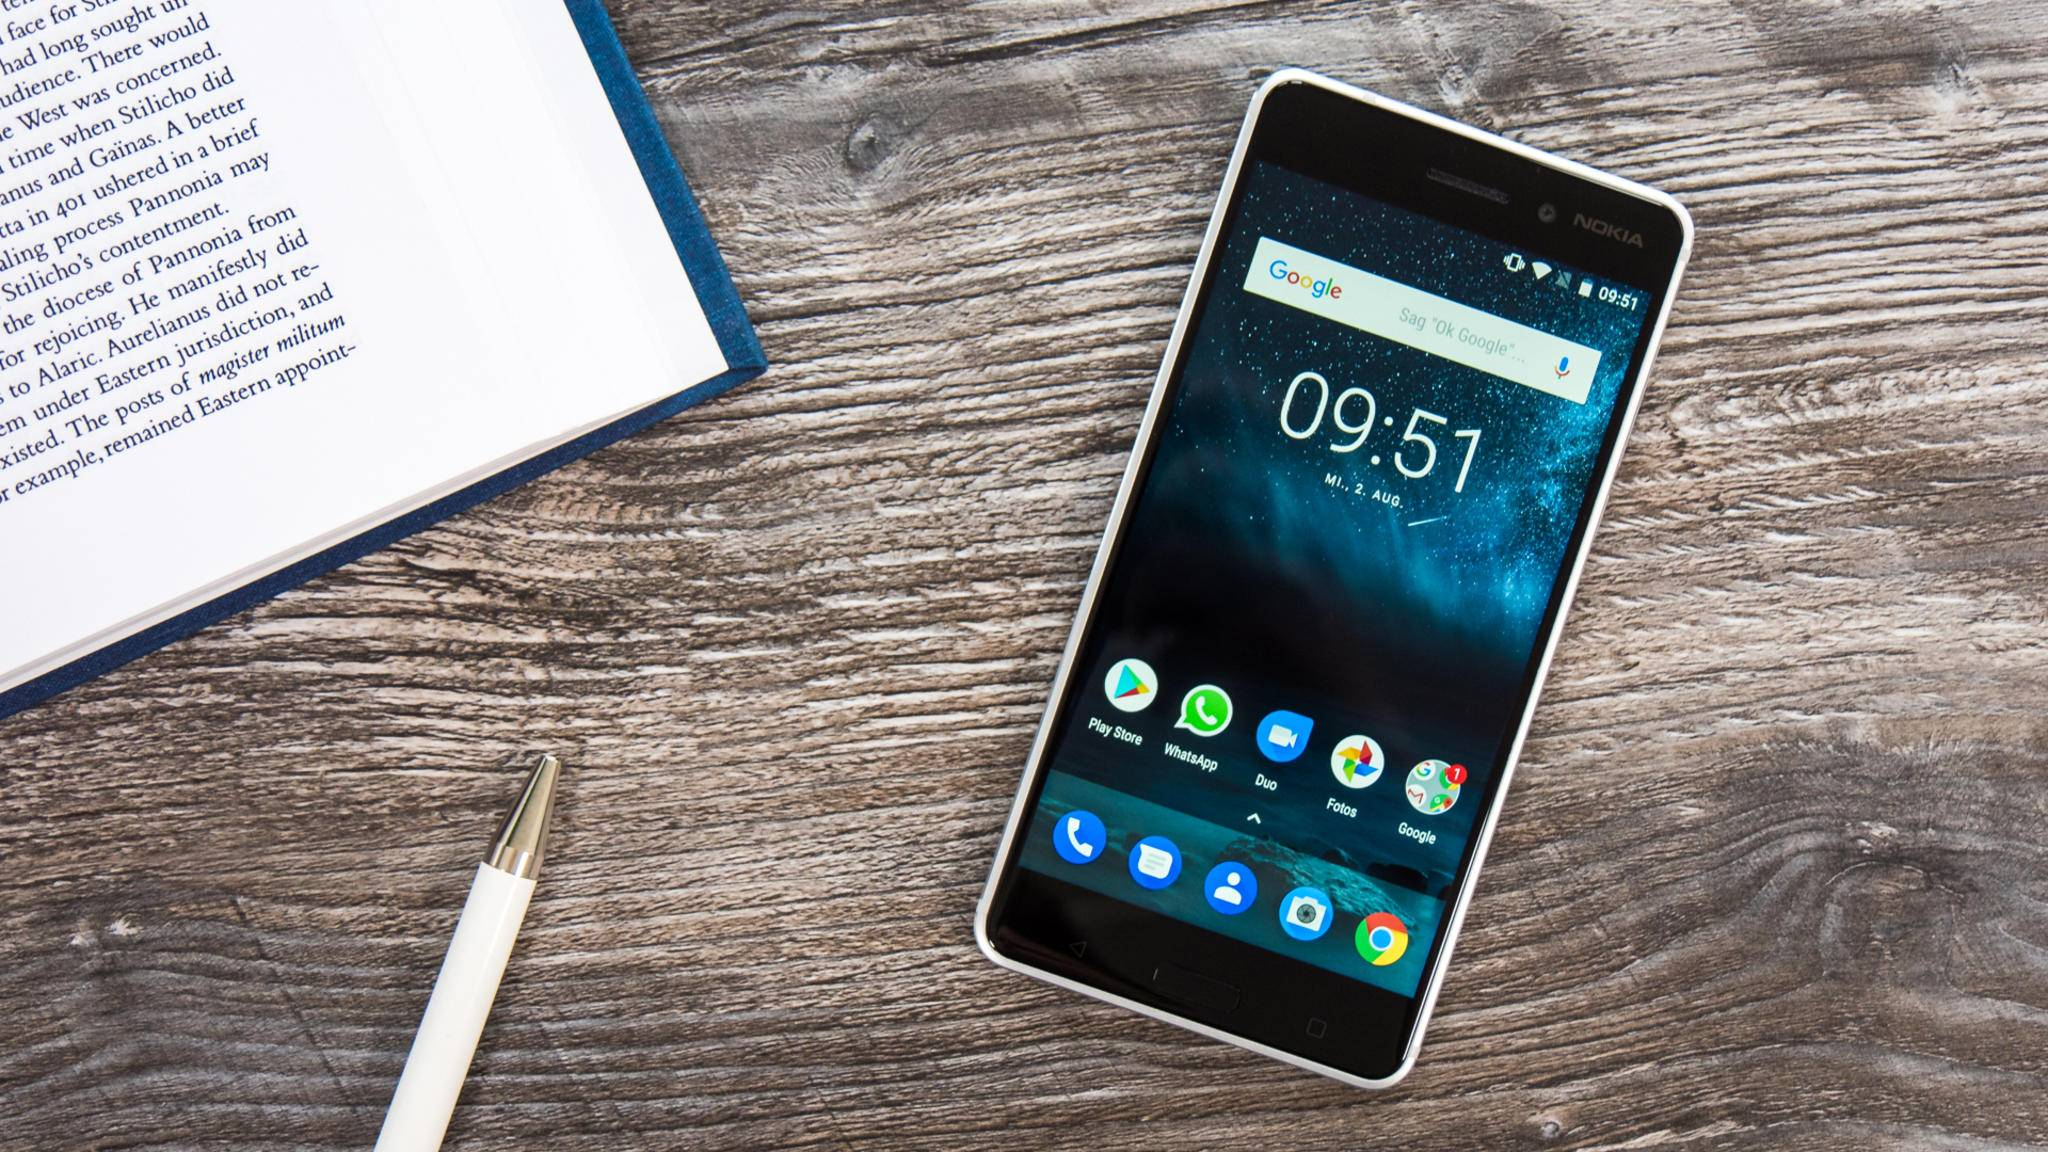 Das Nokia 7 soll dem Nokia 6 recht ähnlich sehen.